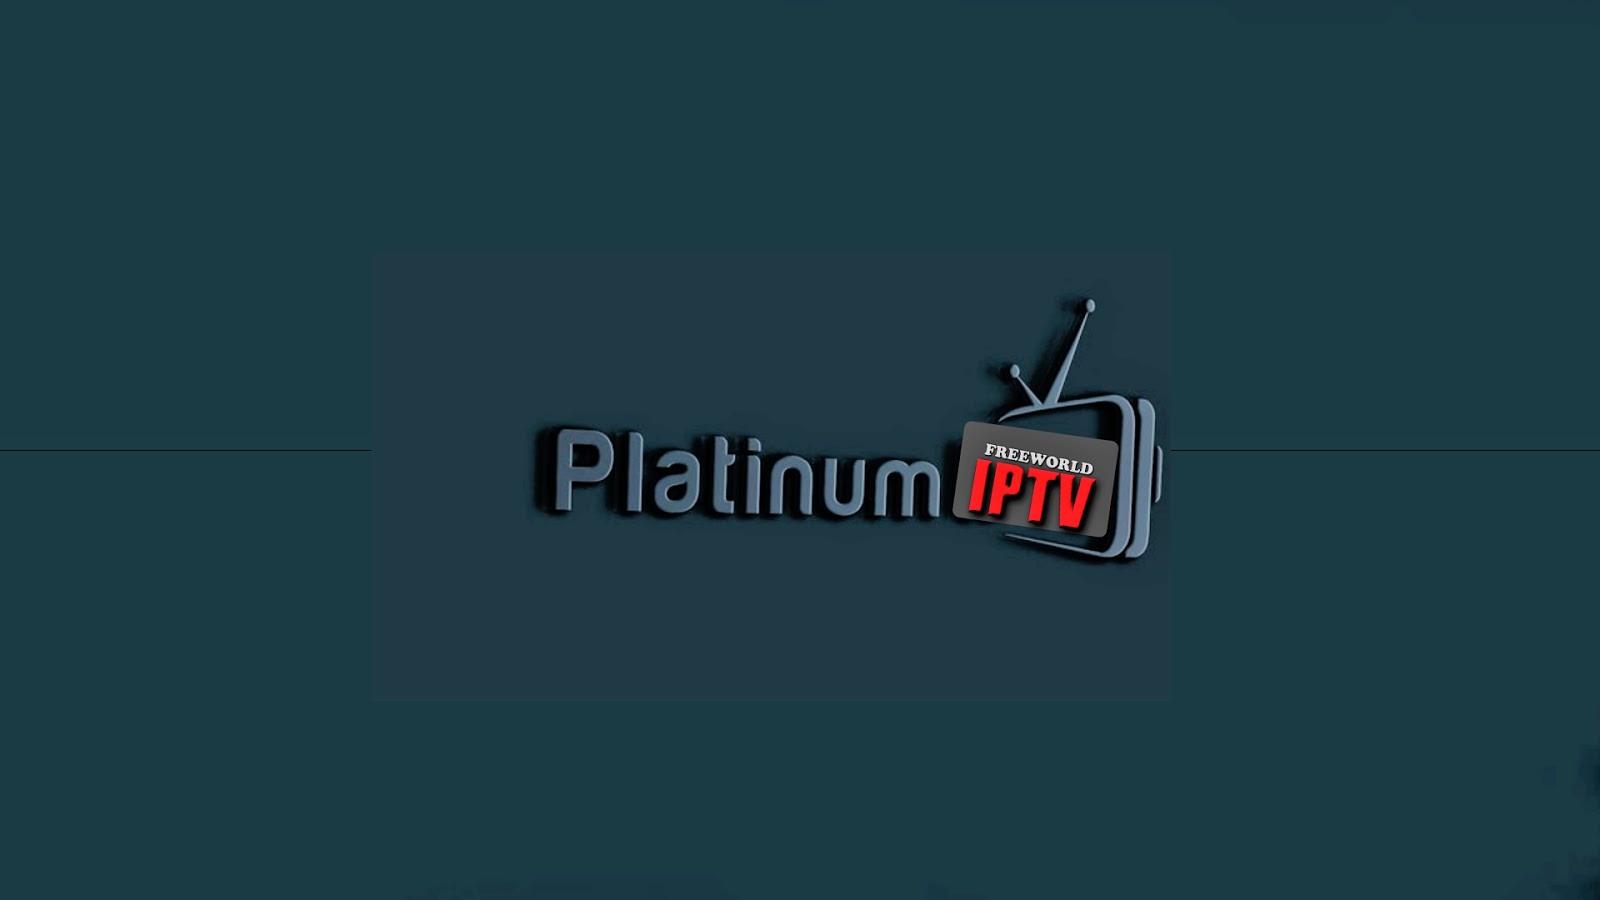 Iptv Platinum Kodi Addon Repo - Smart Iptv On Kodi - New Kodi Addons